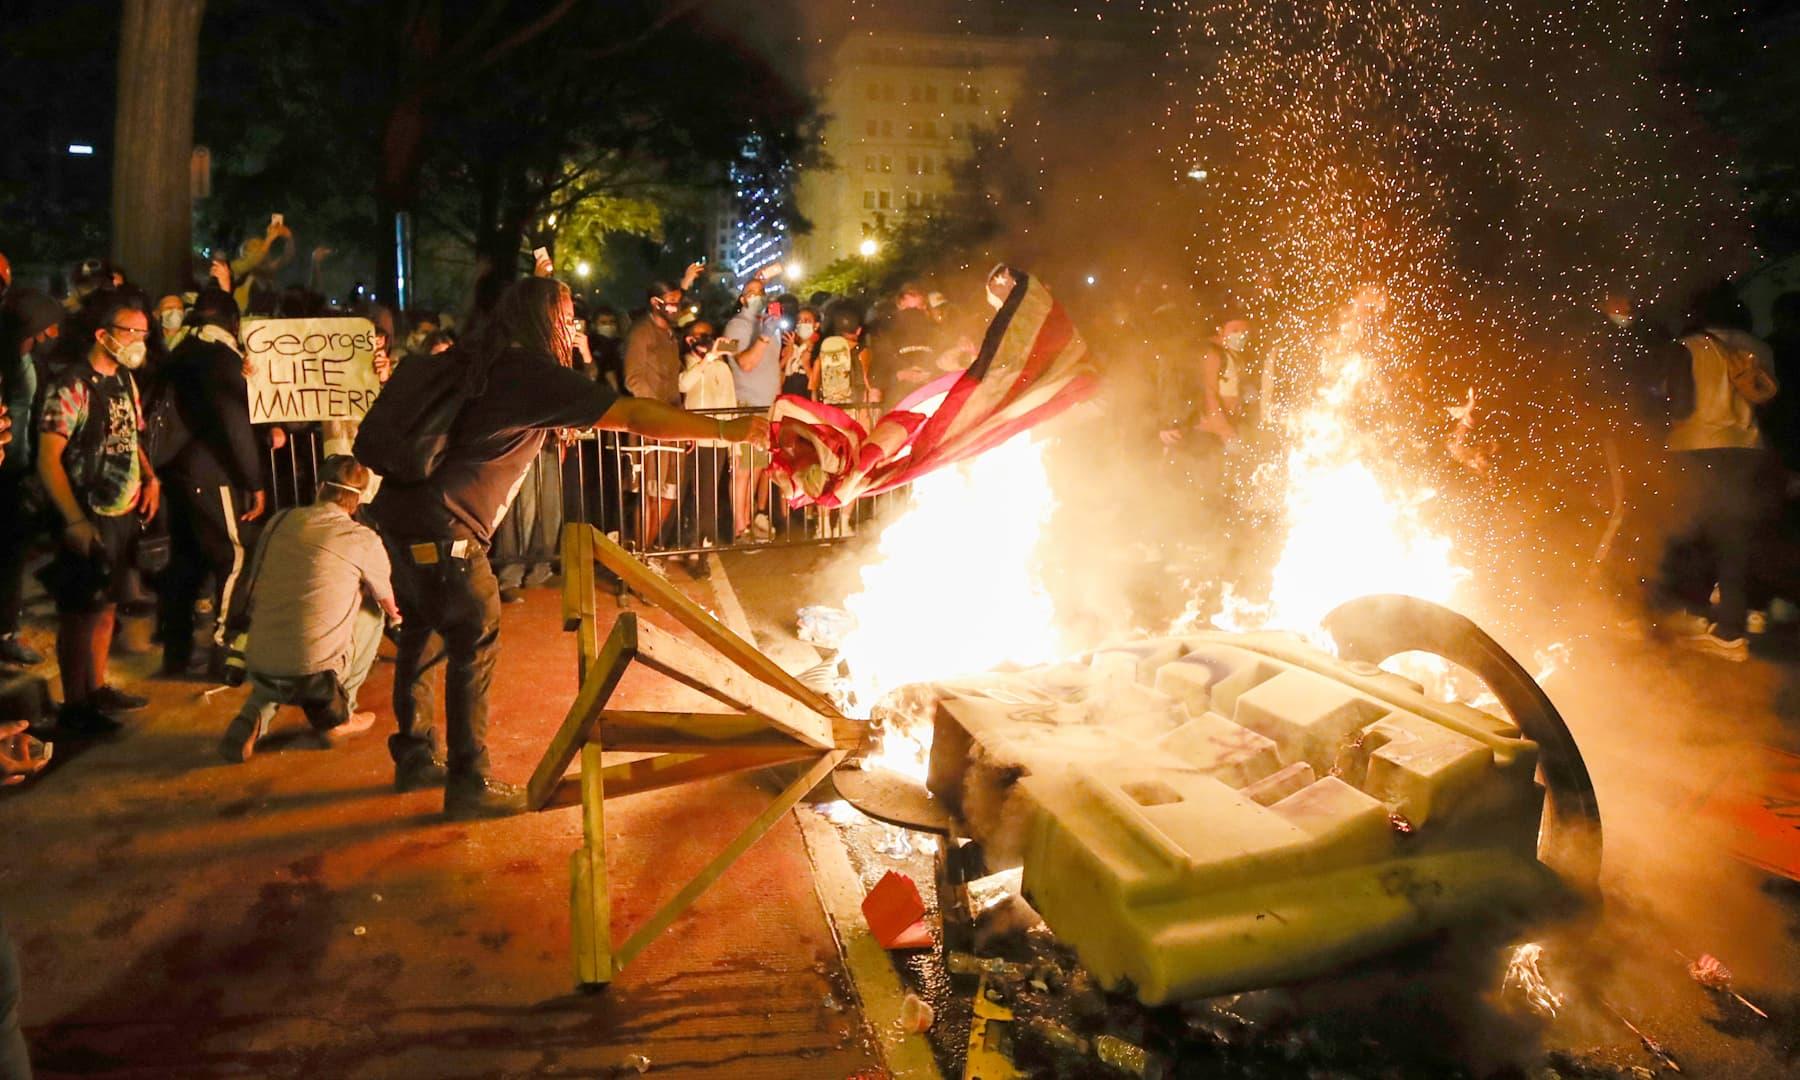 وائٹ ہاؤس کے باہر جلاؤ گھیراؤ کا ایک منظر— فوٹو: اے ایف پی